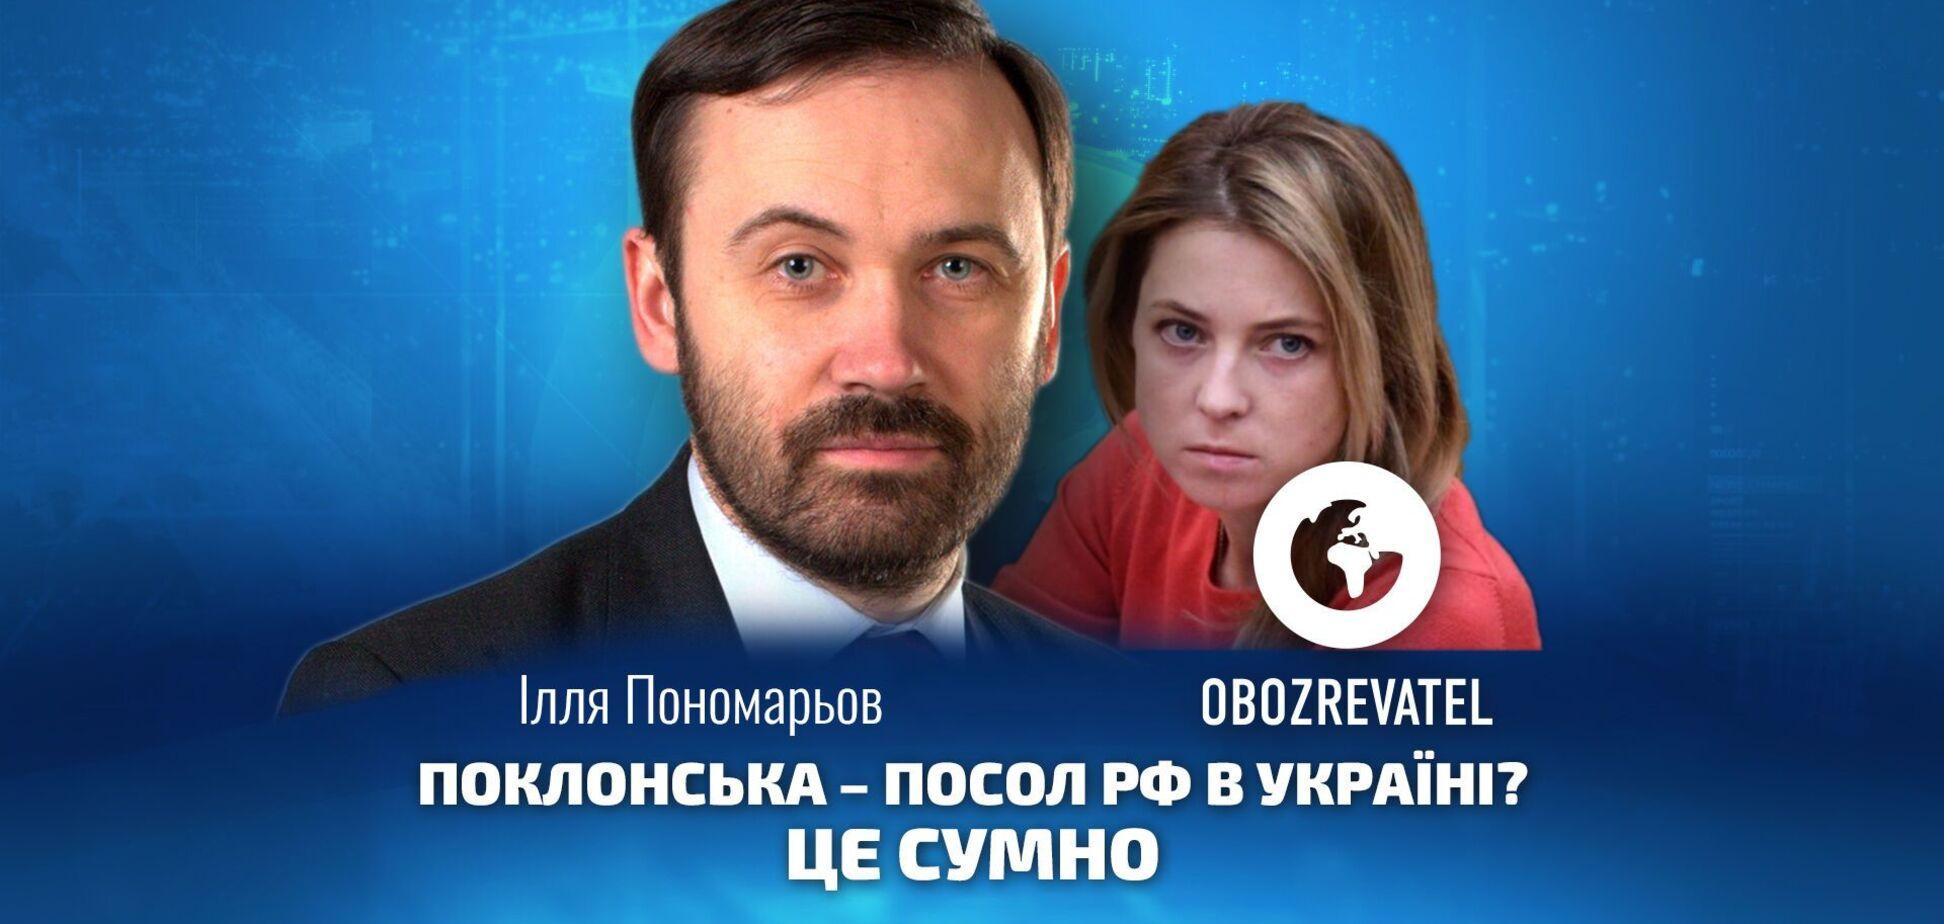 Пономарев: Поклонская – посол в Украине? Печально